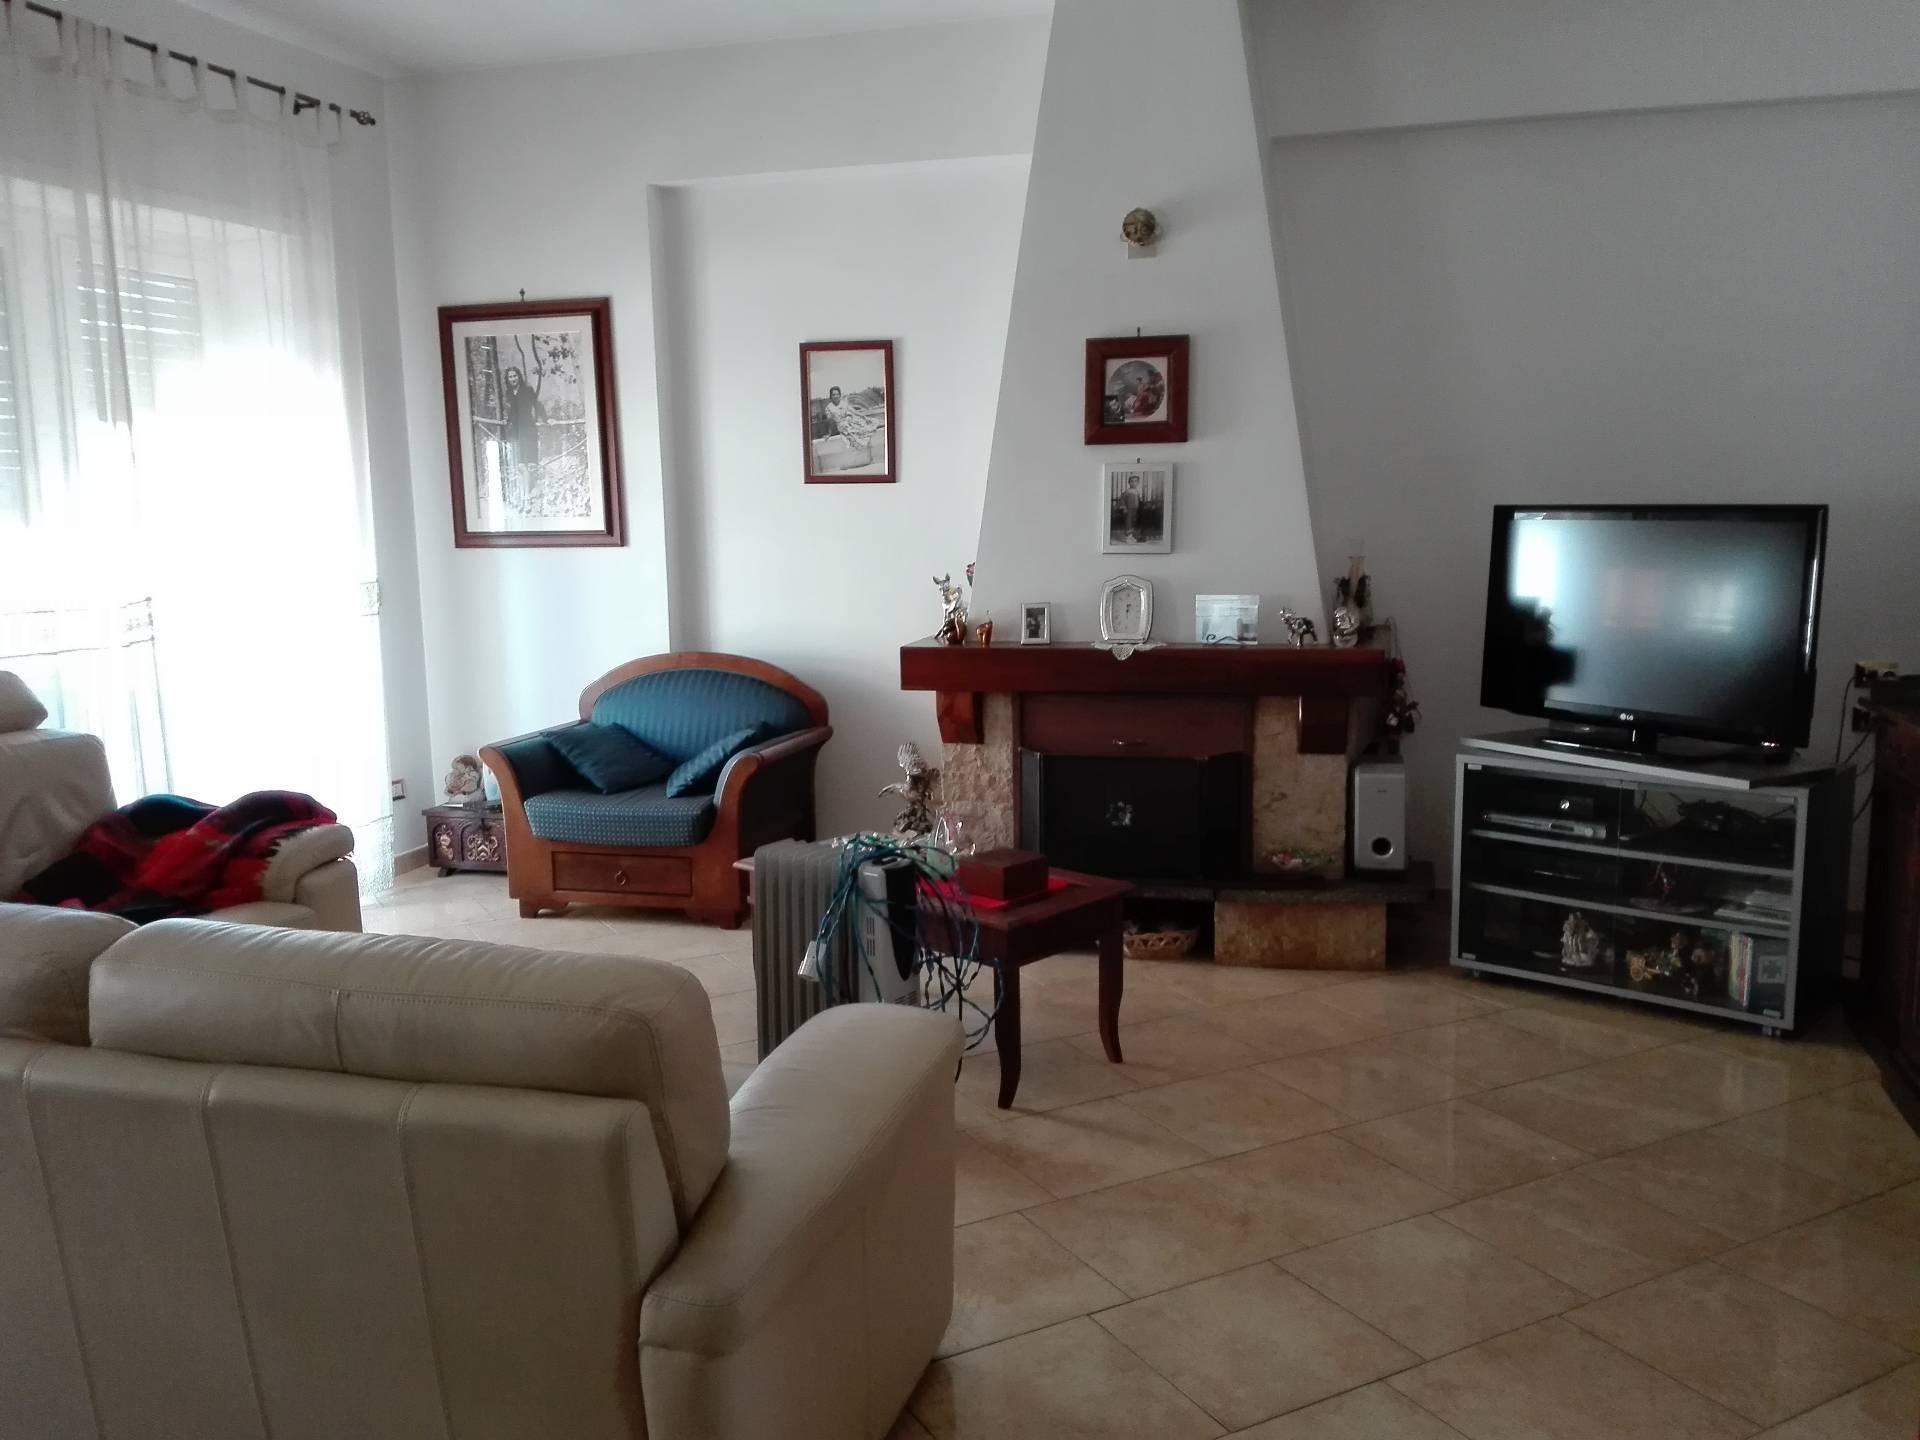 Appartamento in vendita a Tivoli, 3 locali, prezzo € 129.000 | CambioCasa.it